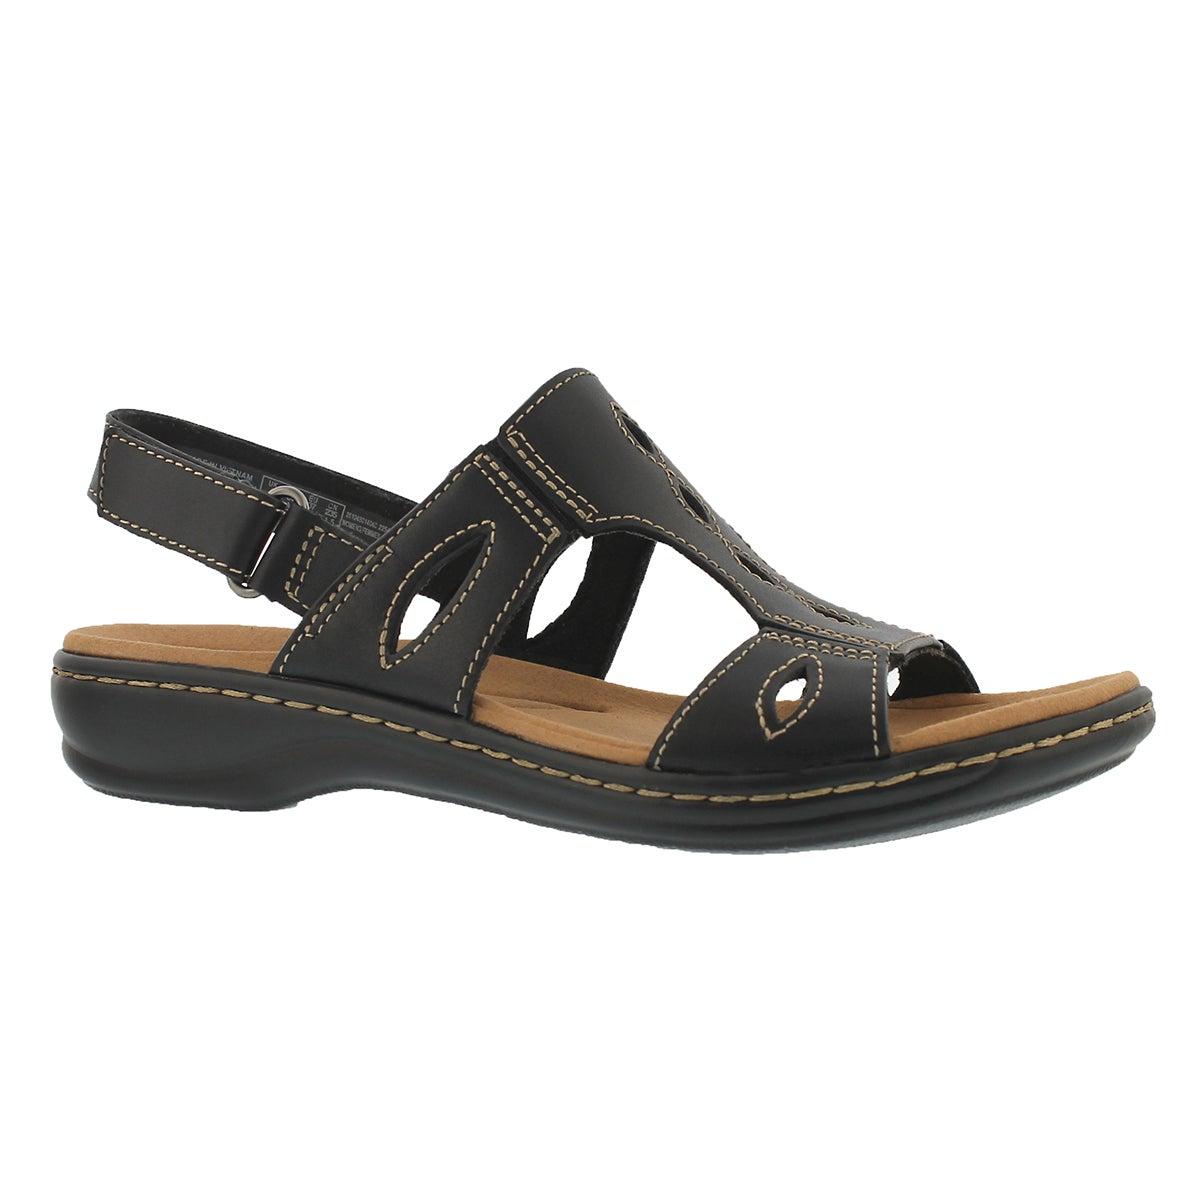 Women's LEISA LAKELYN black casual slide sandals